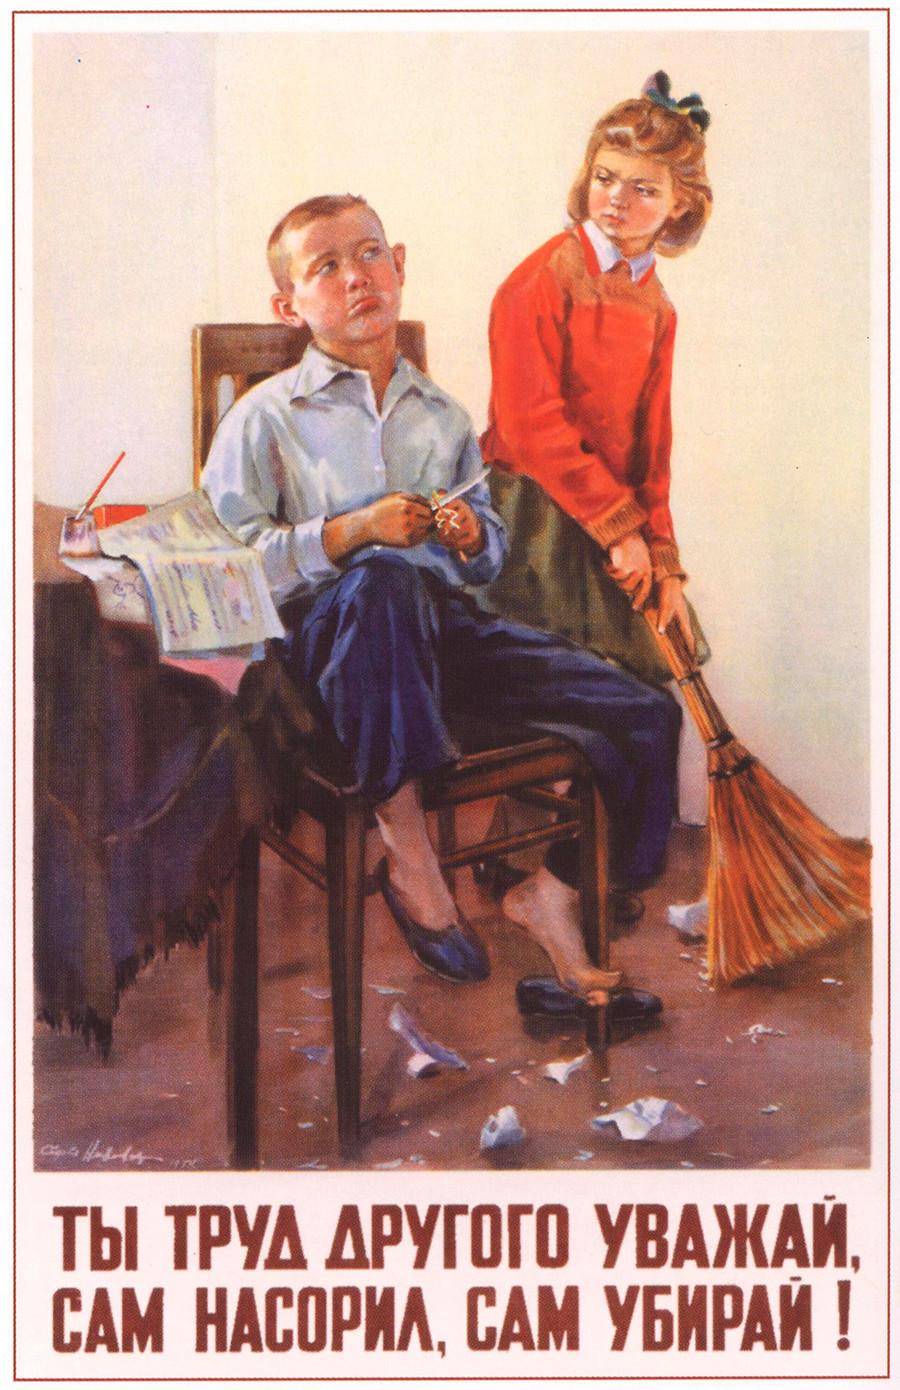 Habe Respekt vor der Arbeit der anderen Menschen! Wenn du die Sauerei gemacht hast, musst du sie auch aufräumen!